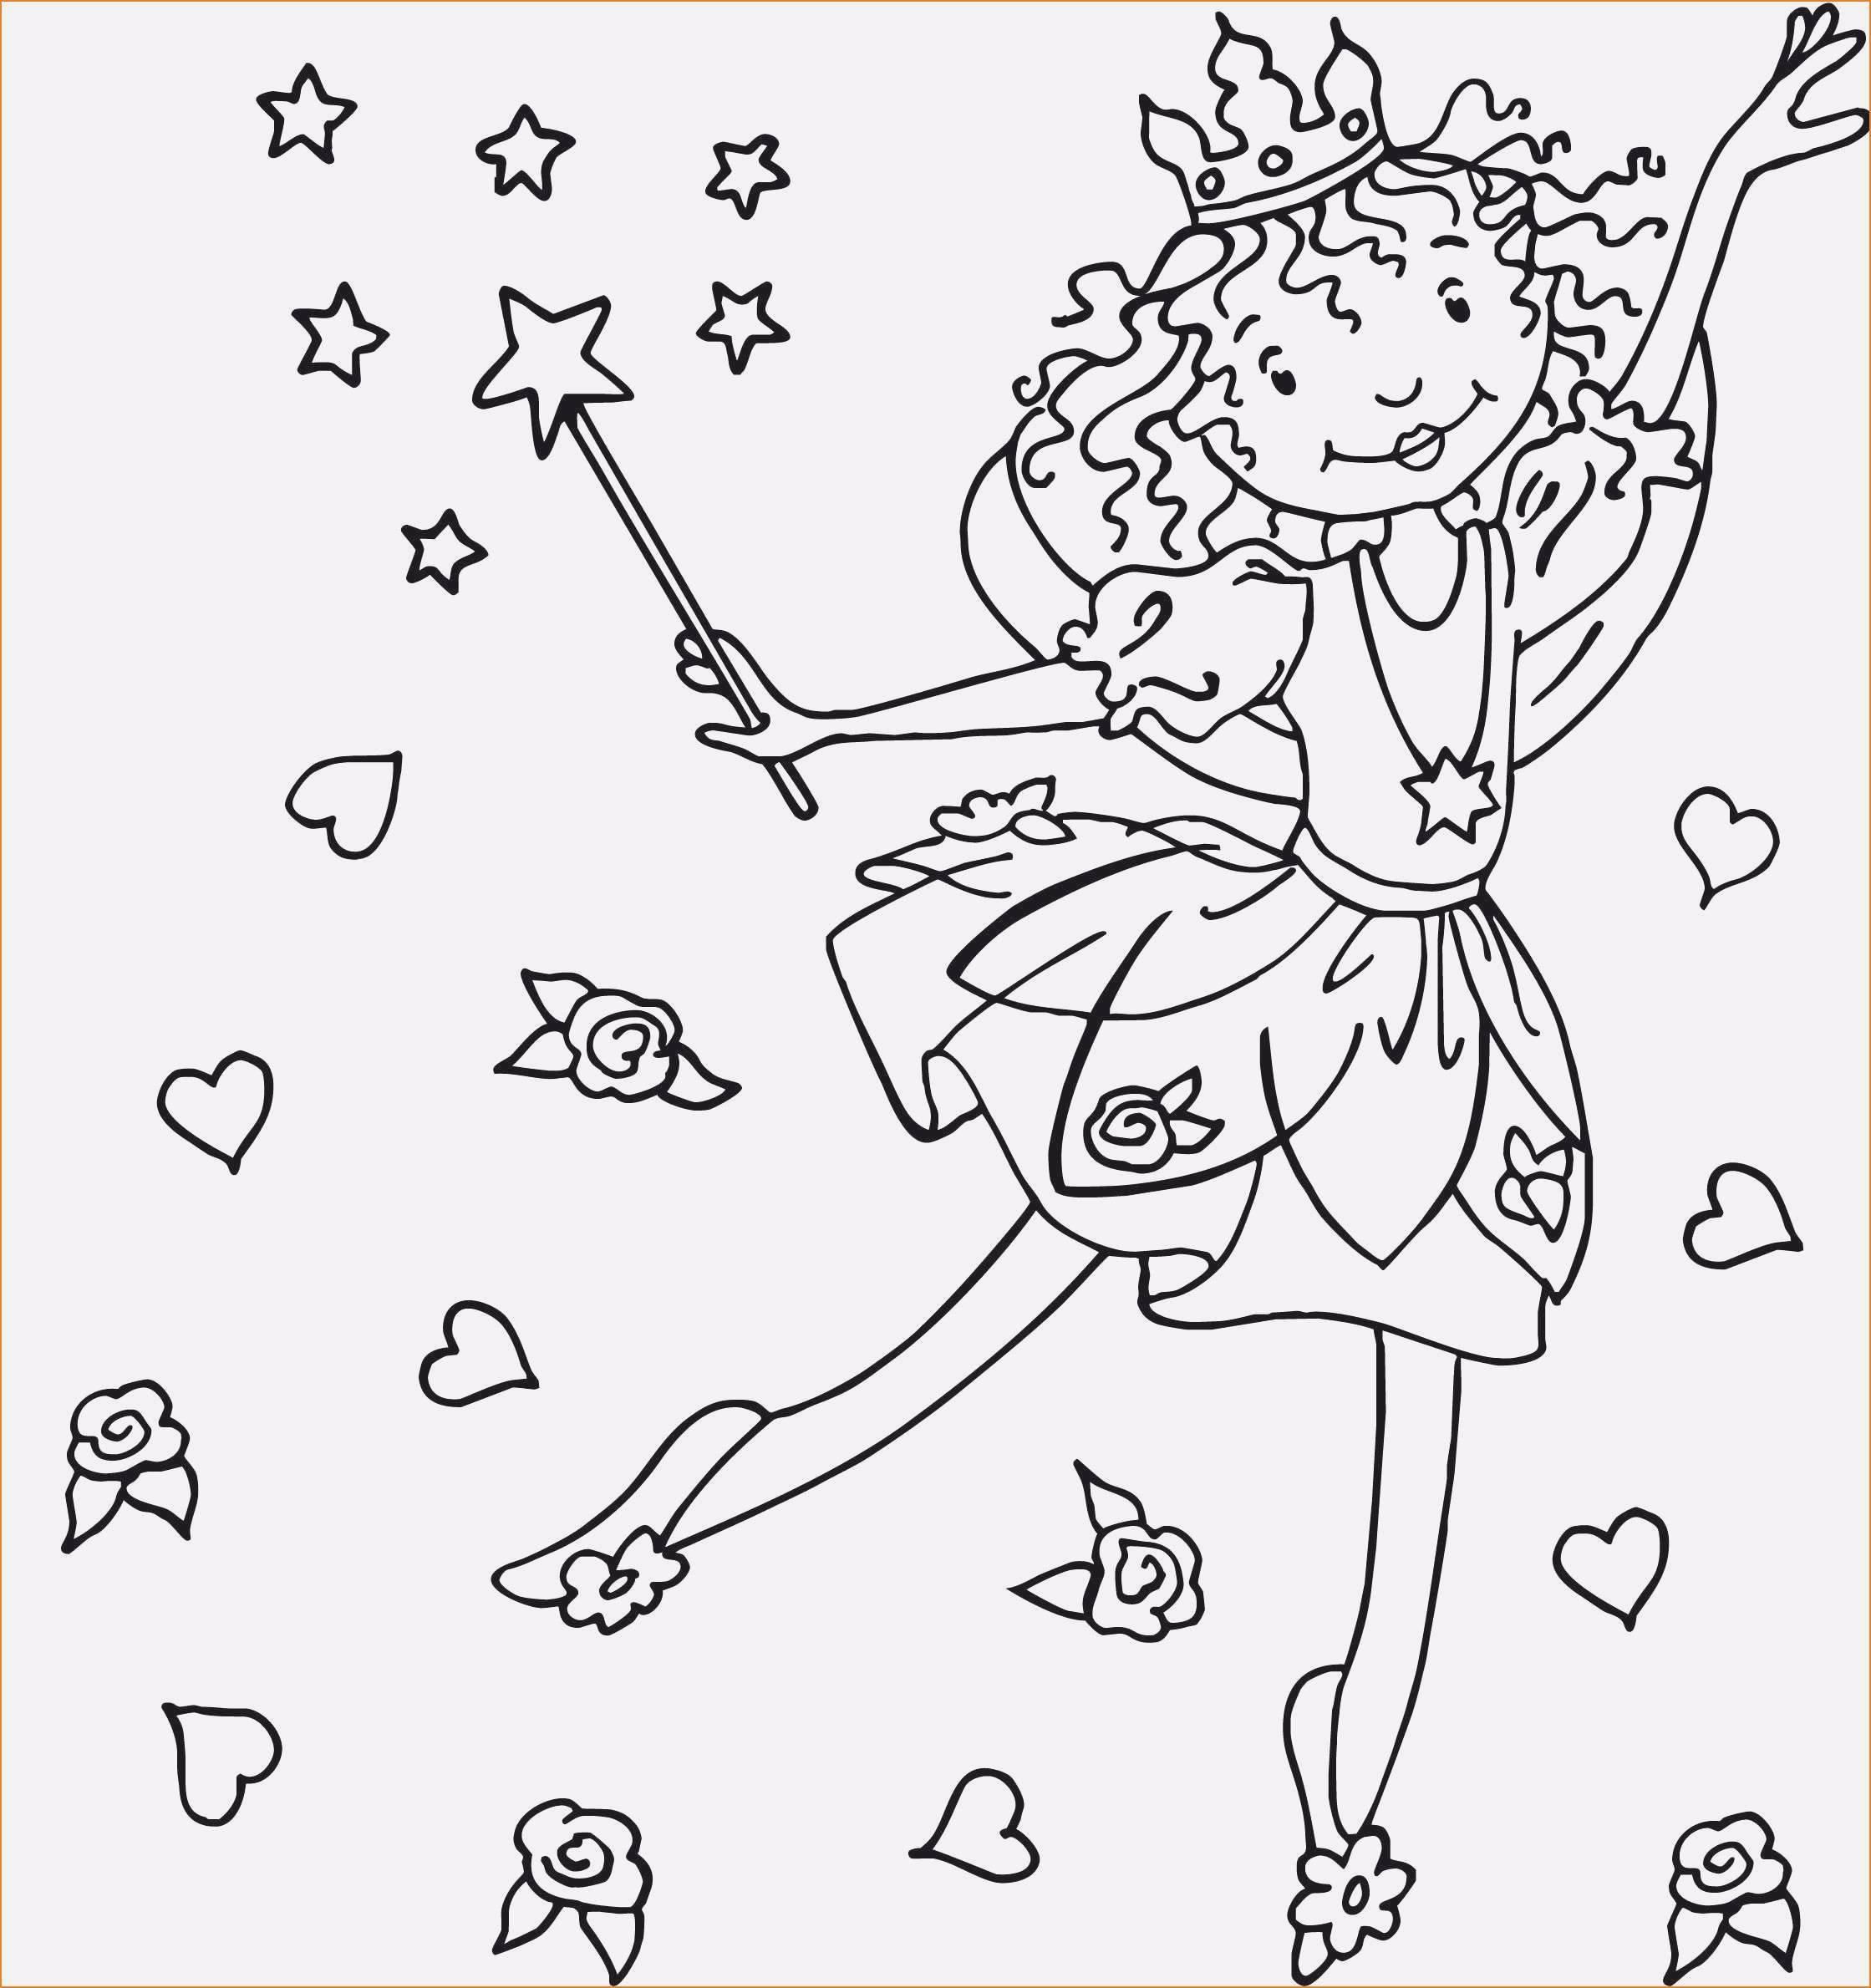 Ausmalbilder Prinzessin Meerjungfrau Frisch Ausmalbilder Prinzessin sofia Genial 25 Fantastisch Wddj Bilder